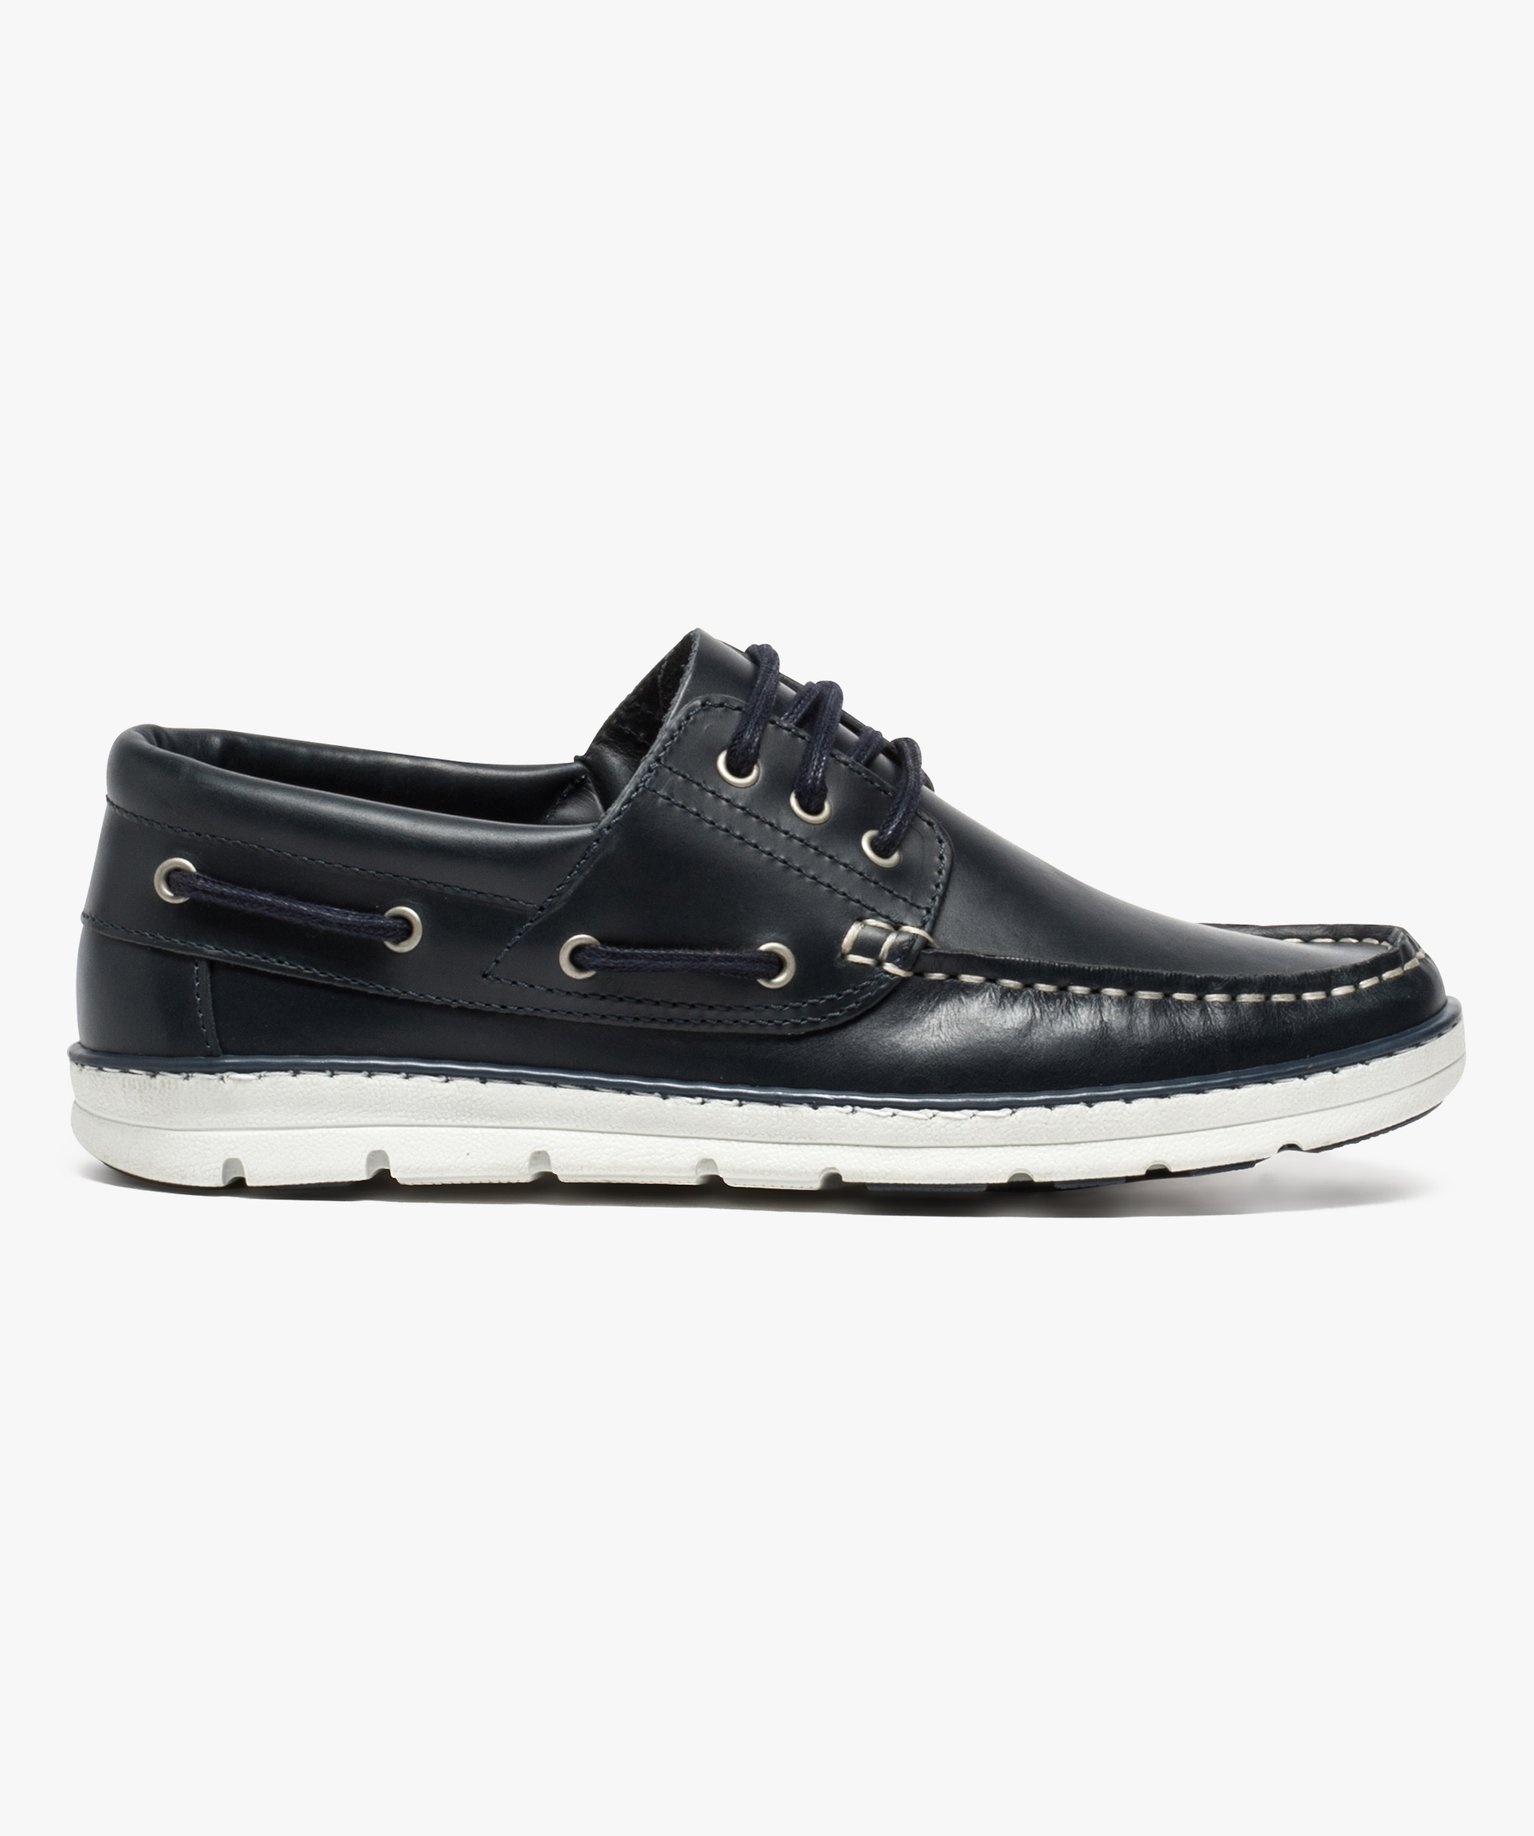 Chaussures bateau homme à lacets et dessus cuir